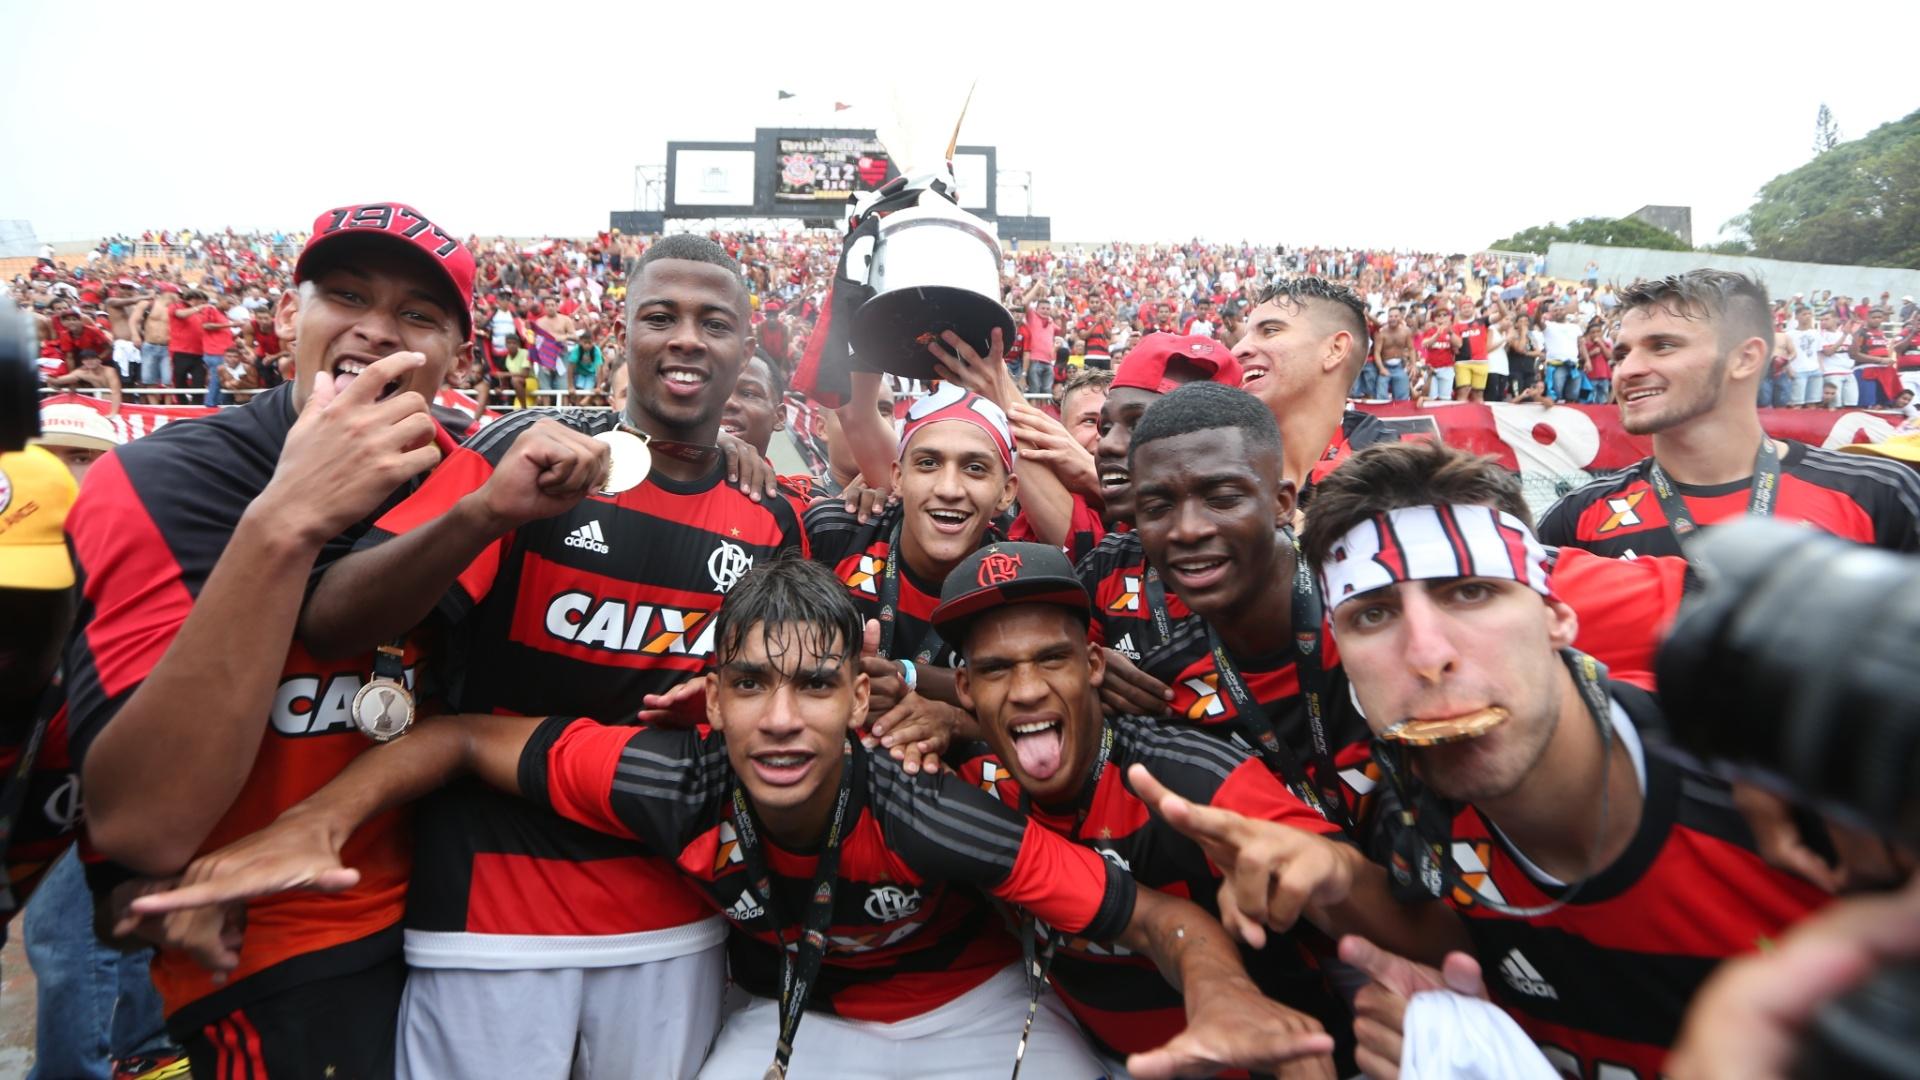 Juniores do Flamengo comemoram título, o terceiro do clube na Copinha